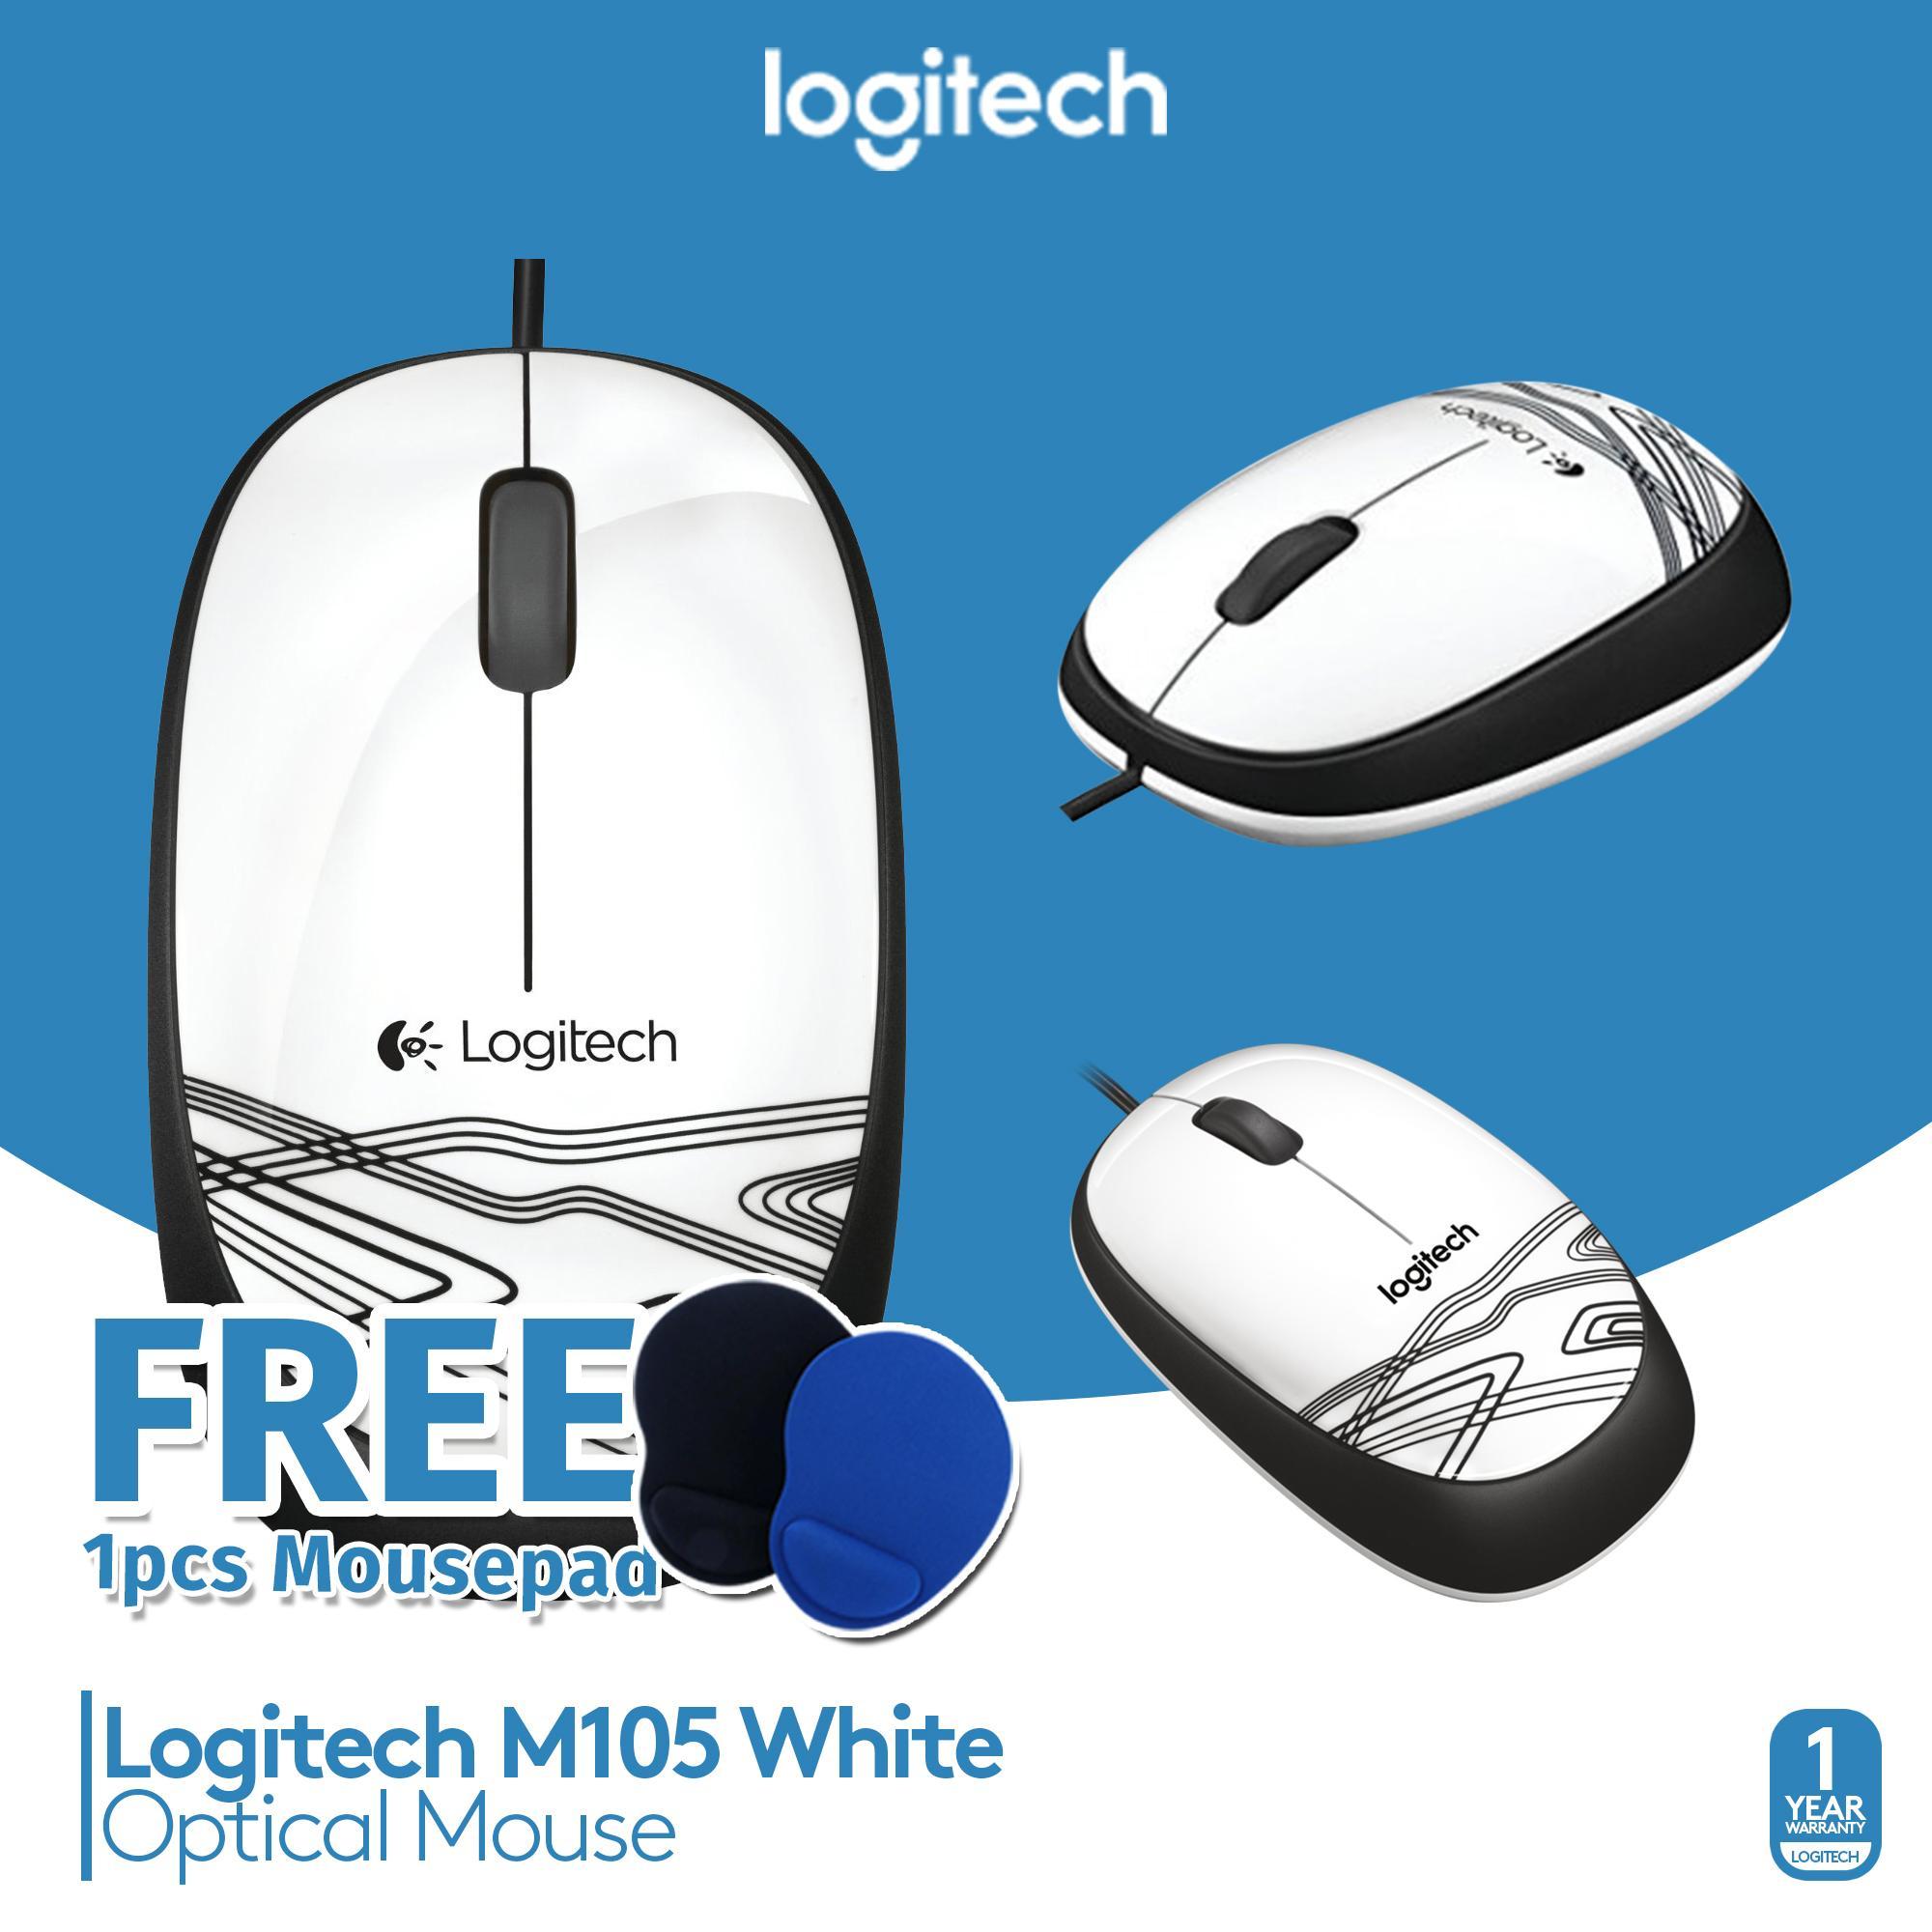 Cek Harga Baru Logitech Original Mouse M105 Putih Terkini Situs Mousepad